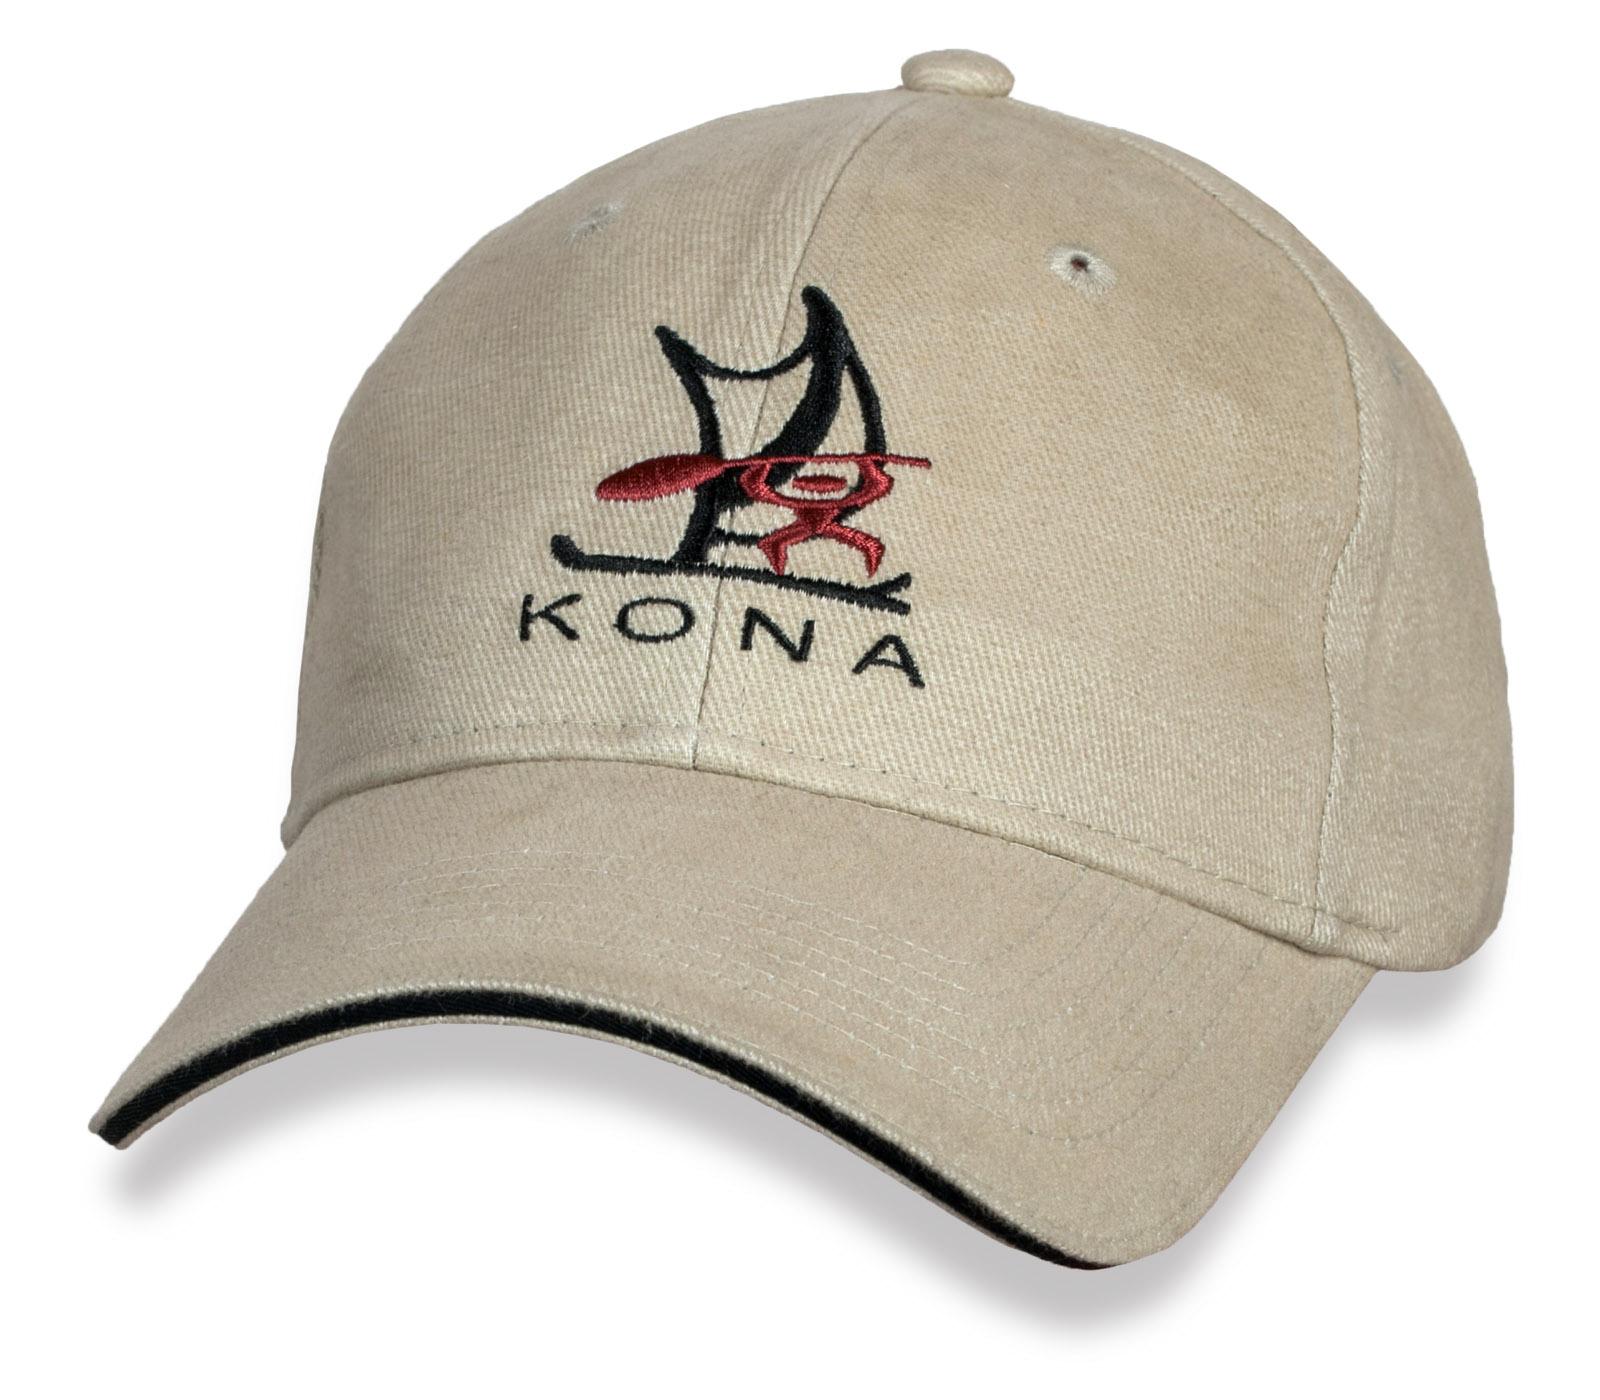 Модная бейсболка Kona